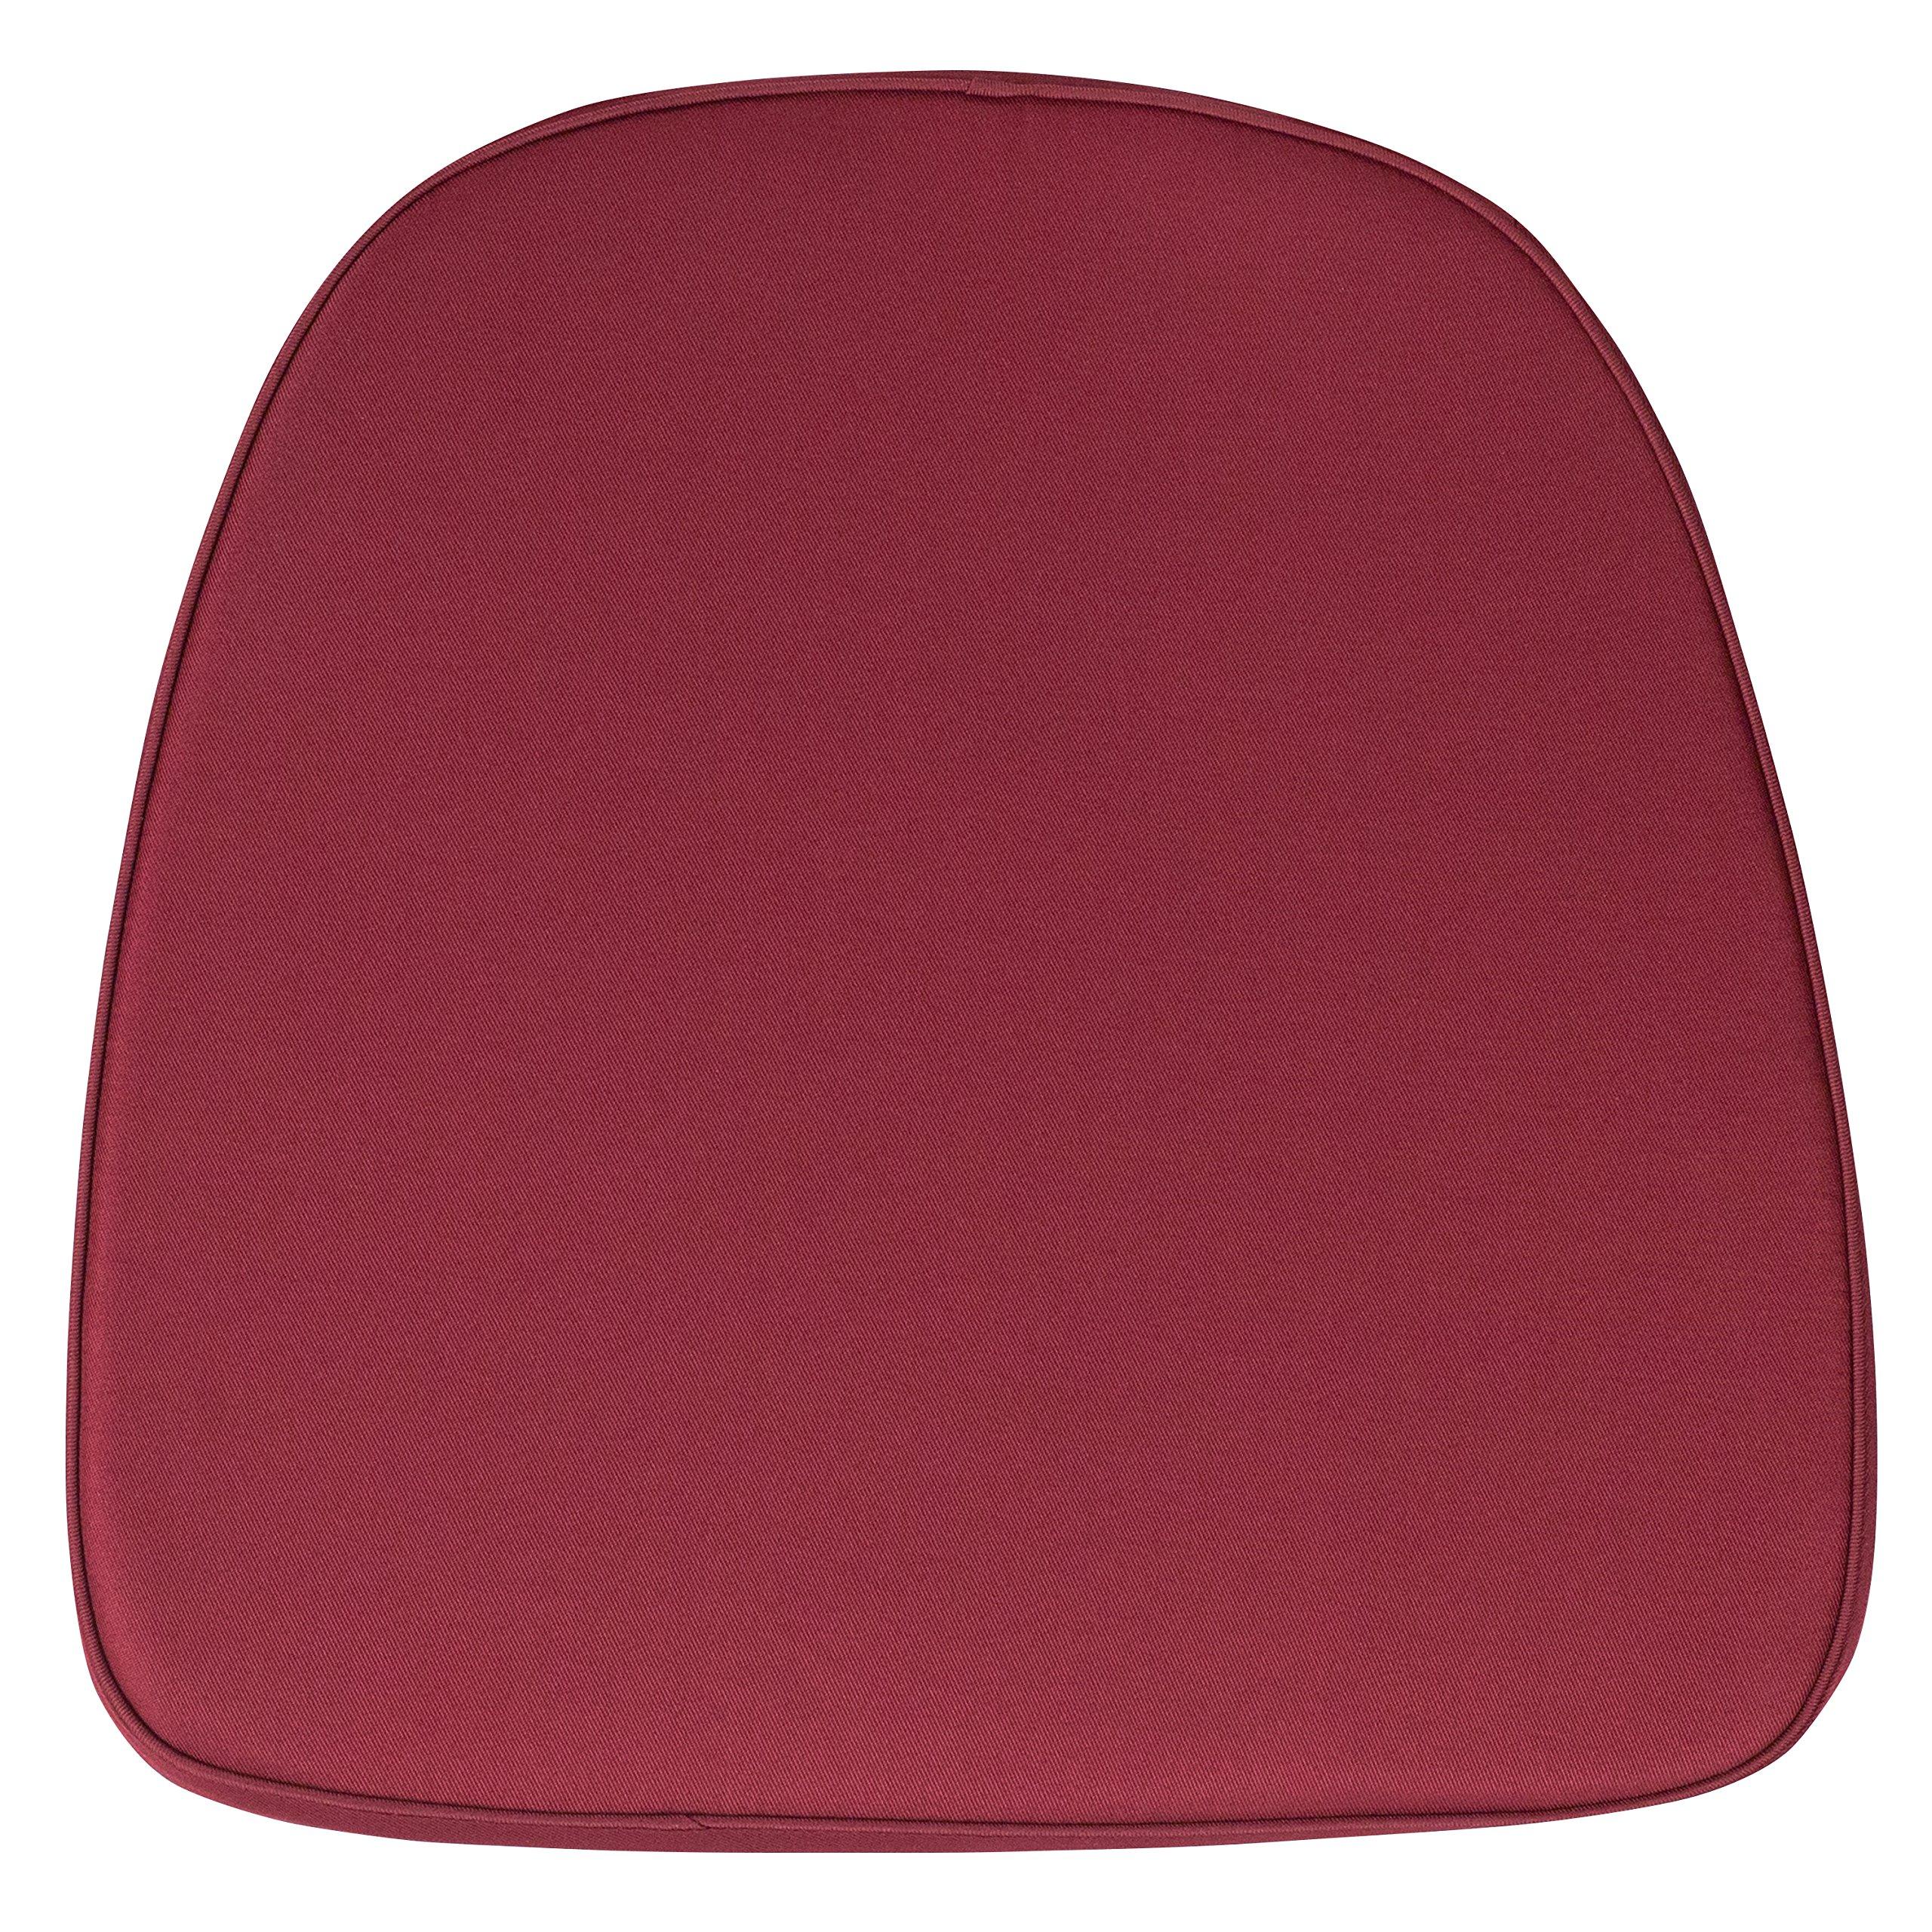 Soft Burgundy Fabric Chiavari Chair Cushion